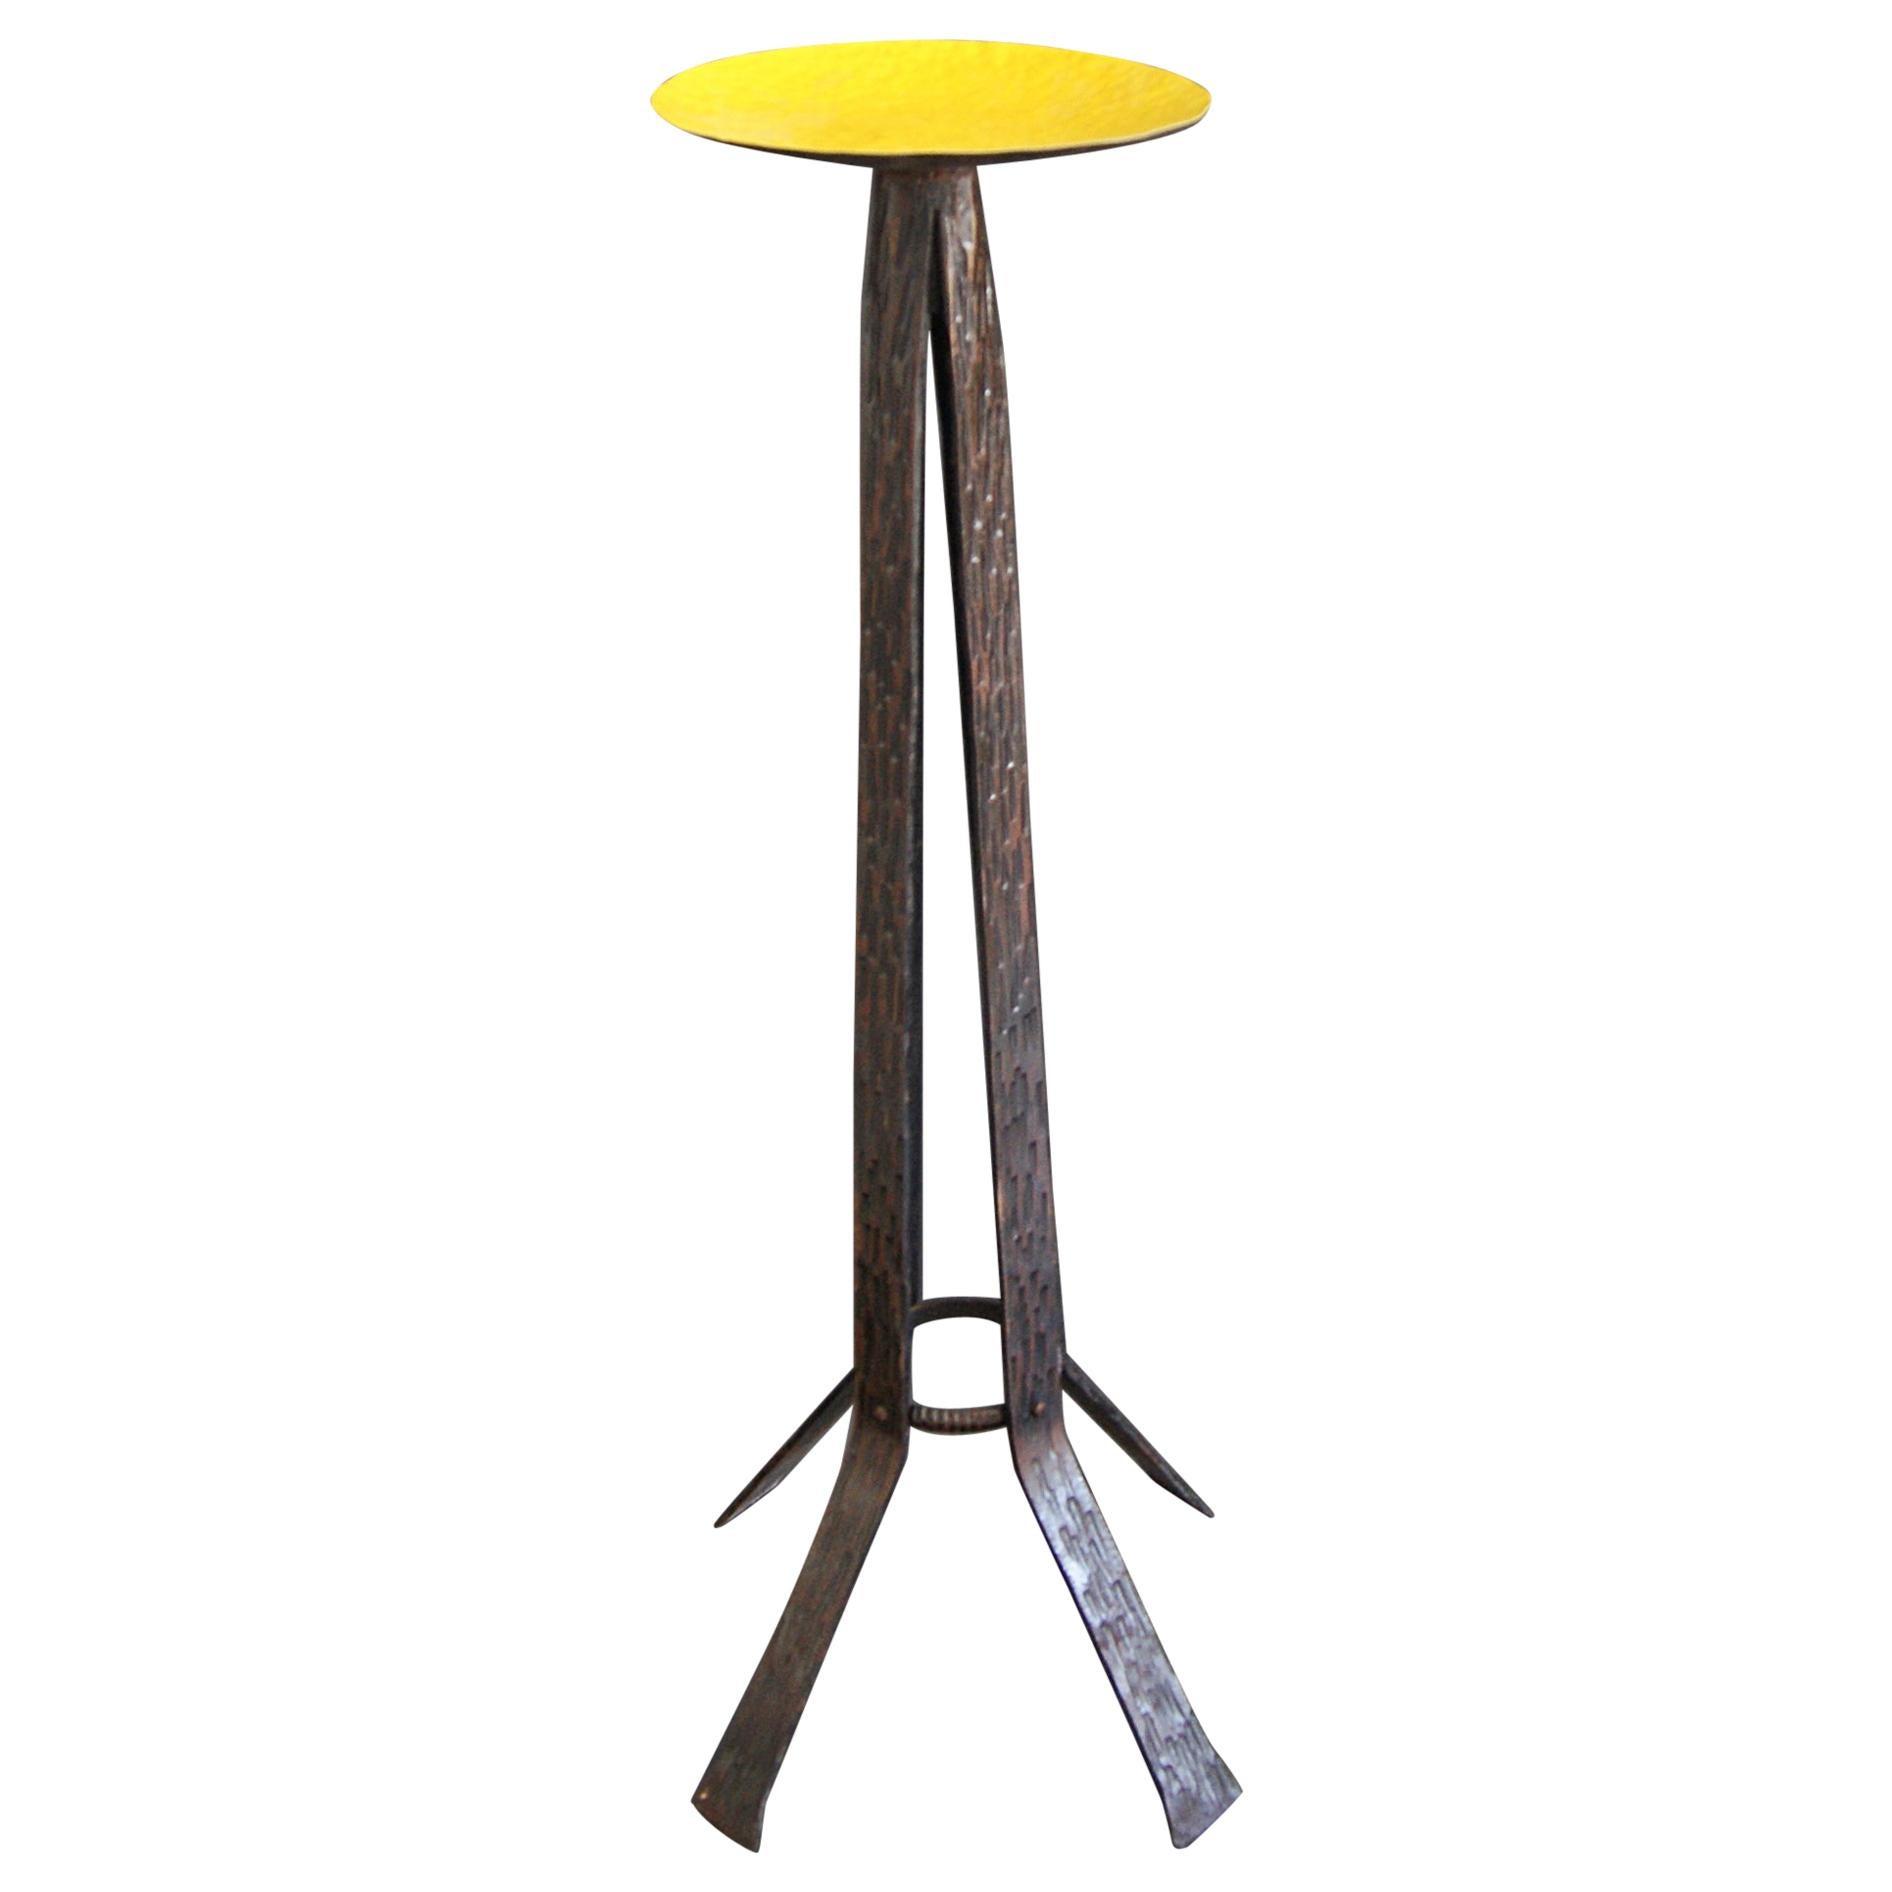 Midcentury Brutalist Candleholder Side Table, France, 1960s